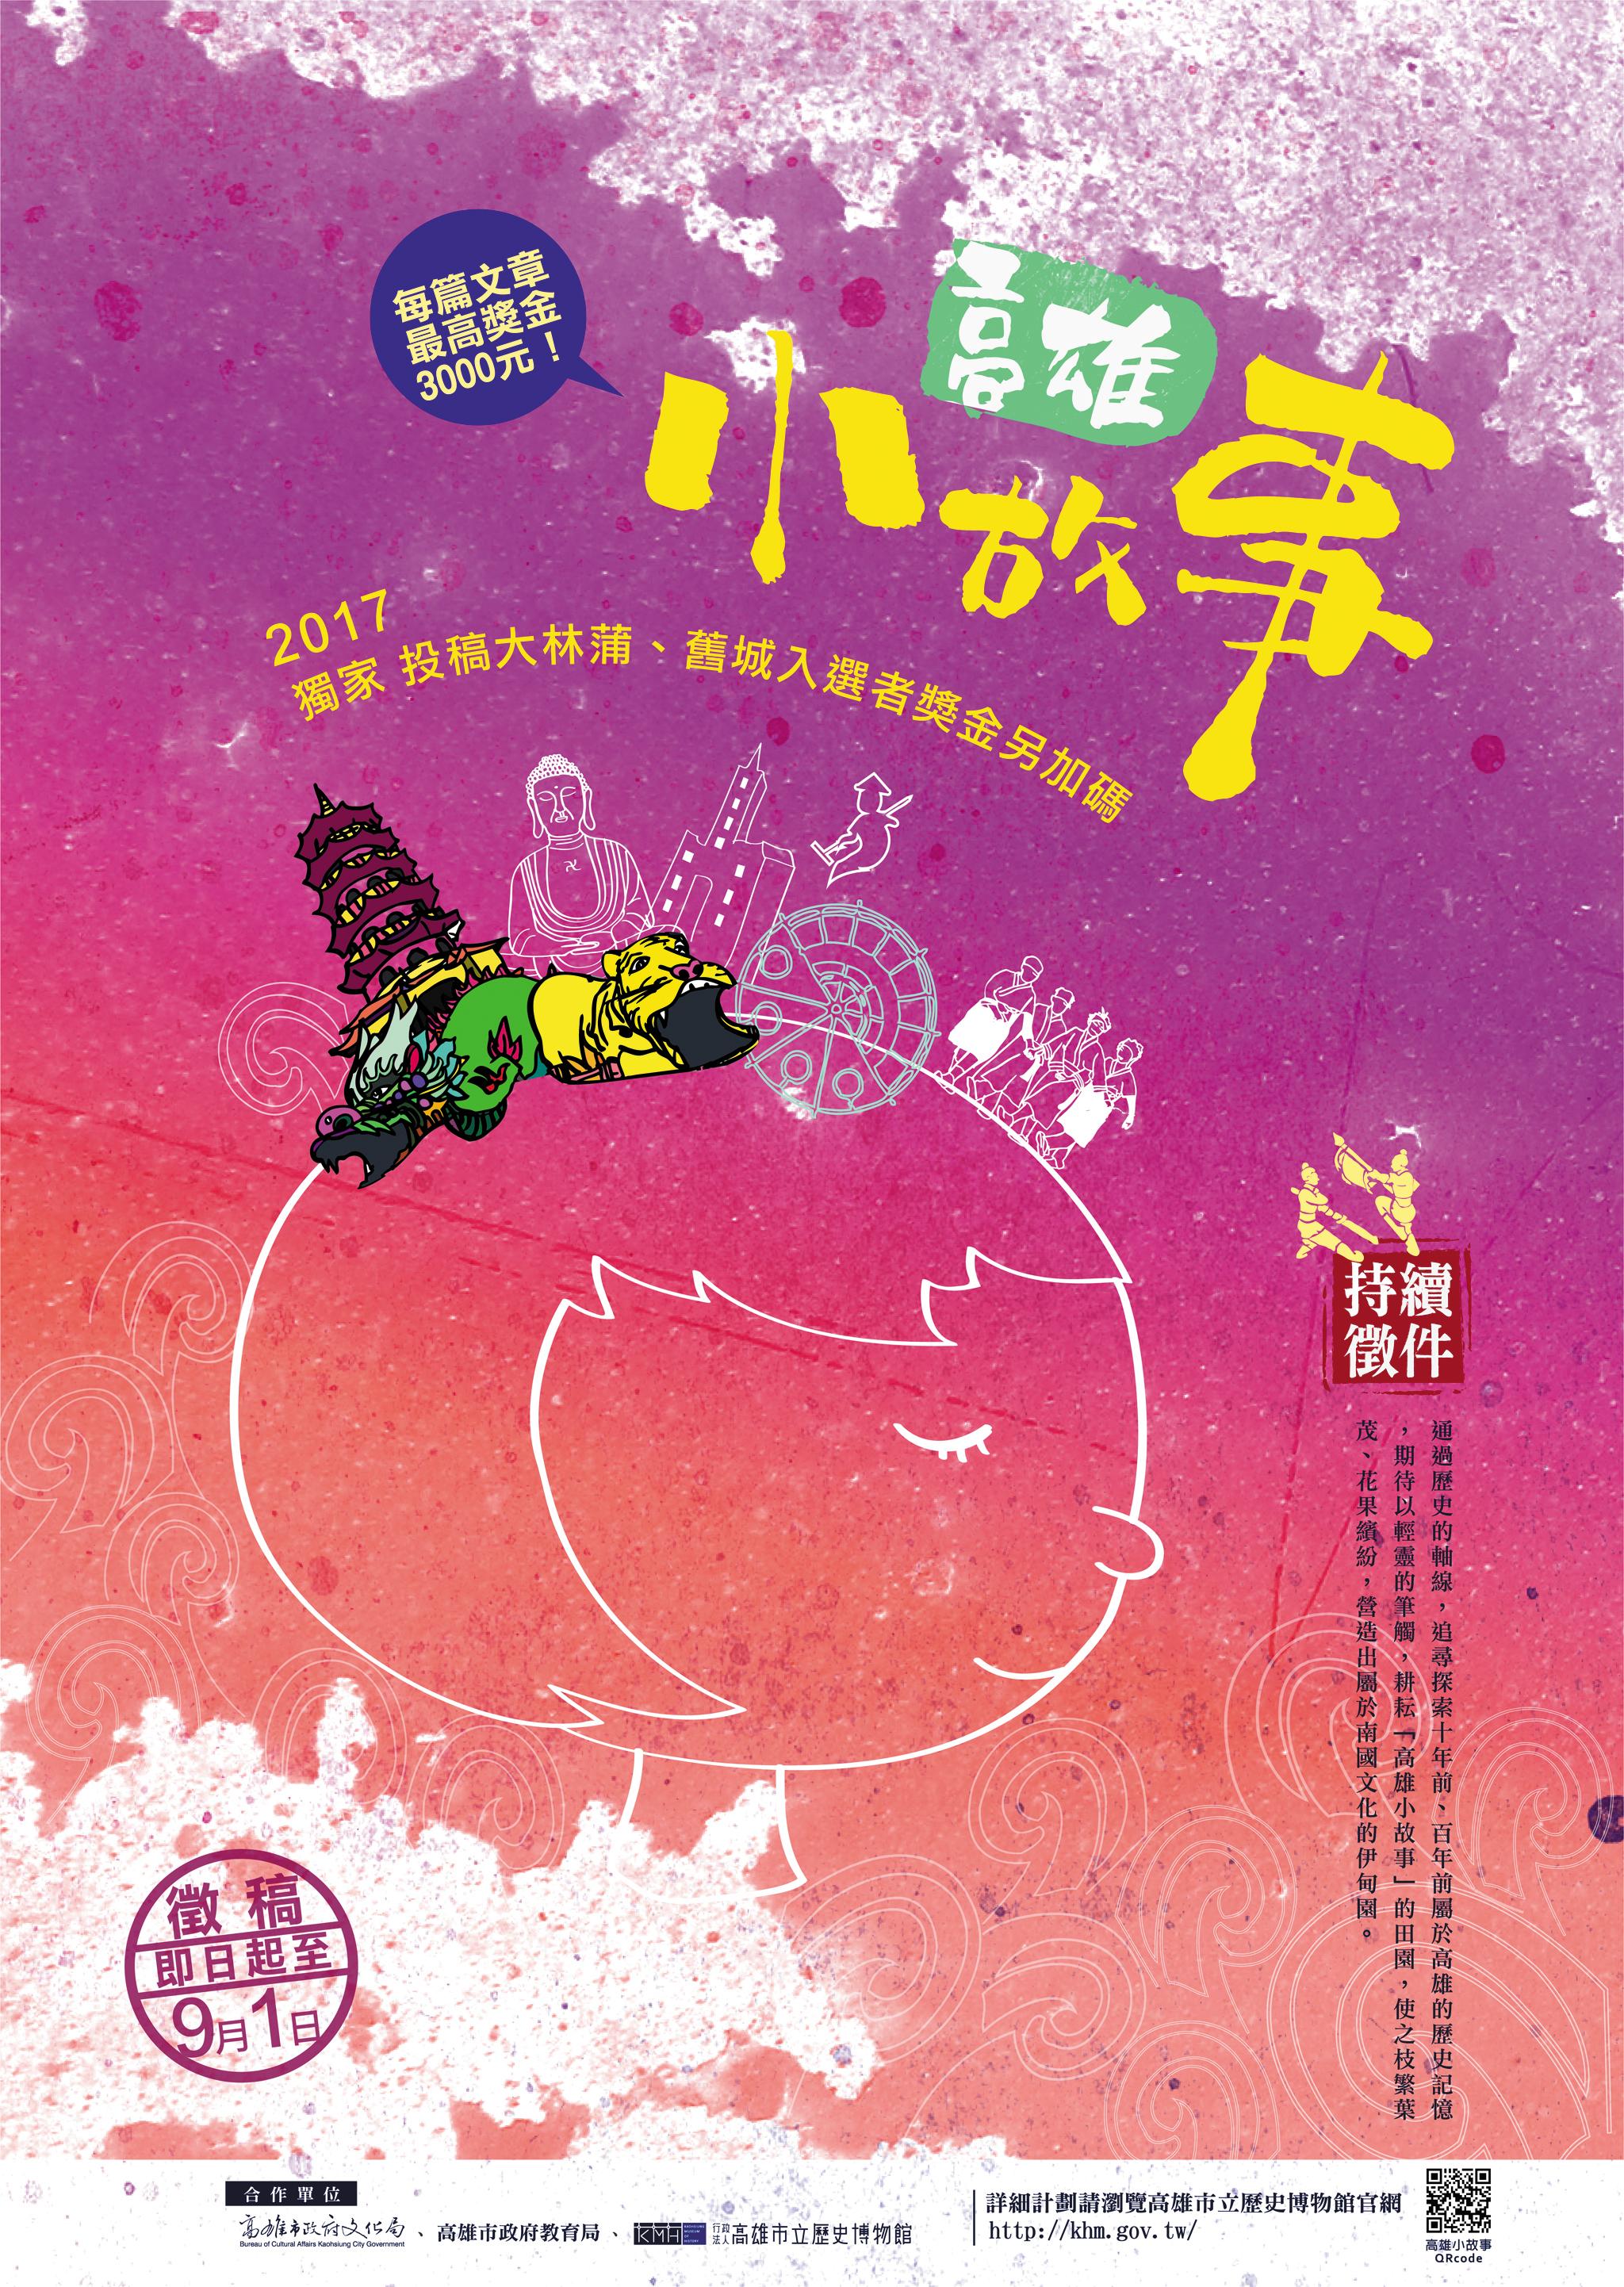 2017「高雄小故事」創作徵件